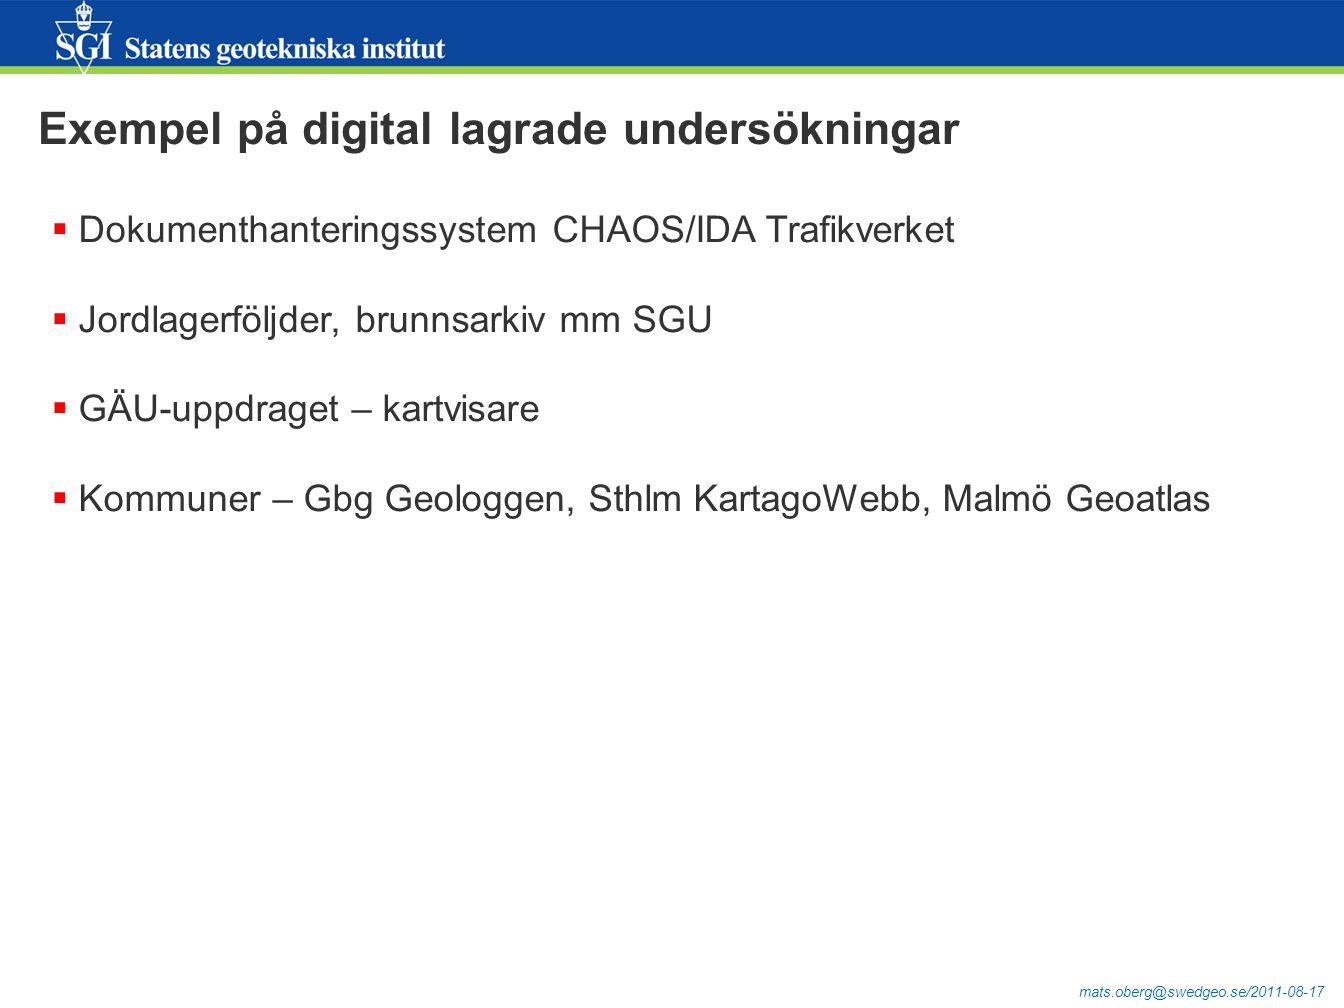 mats.oberg@swedgeo.se/2011-08-17 Exempel på digital lagrade undersökningar  Dokumenthanteringssystem CHAOS/IDA Trafikverket  Jordlagerföljder, brunn